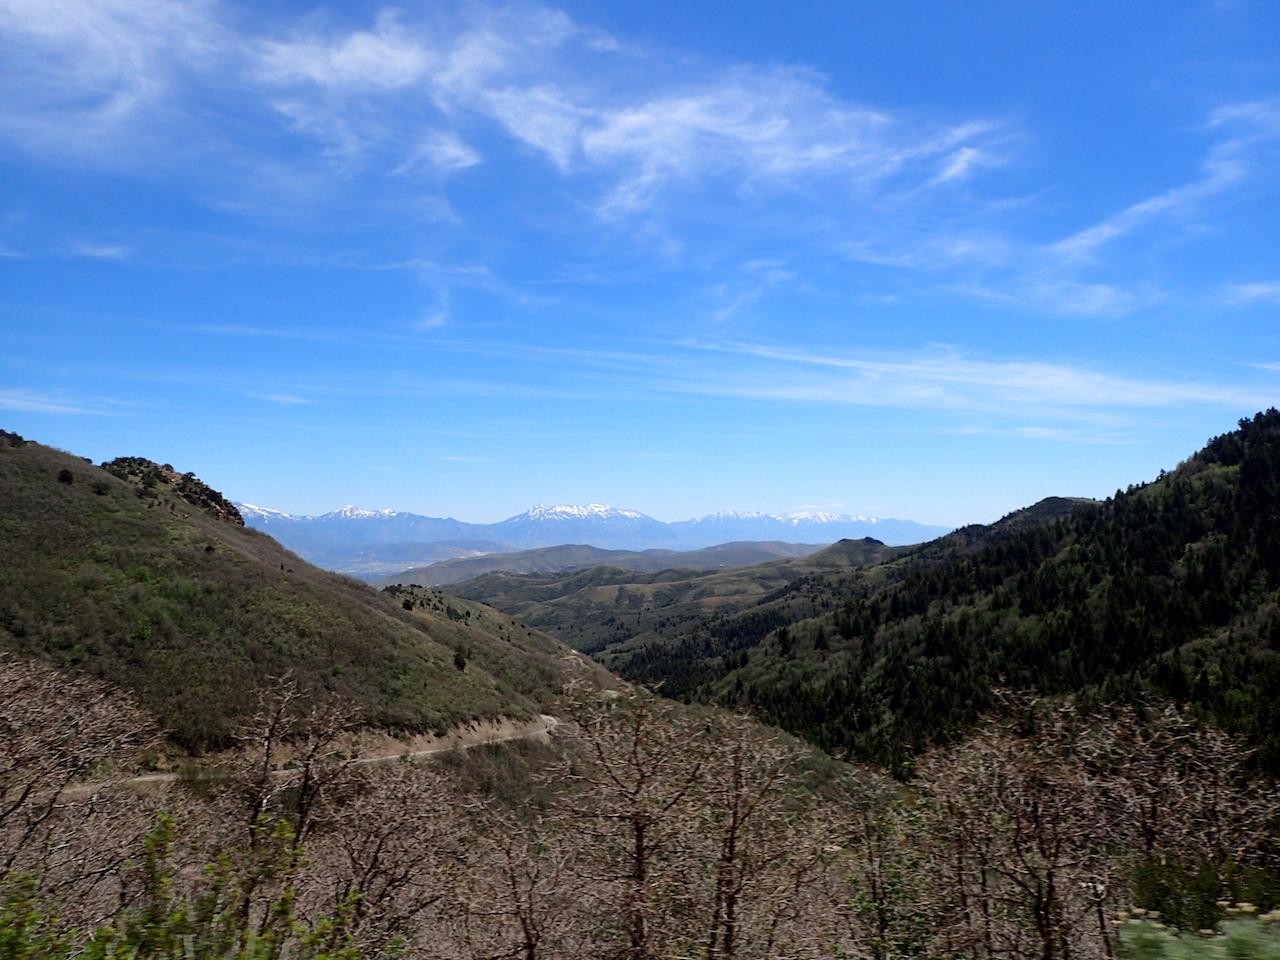 Highlight: Butterfield Canyon